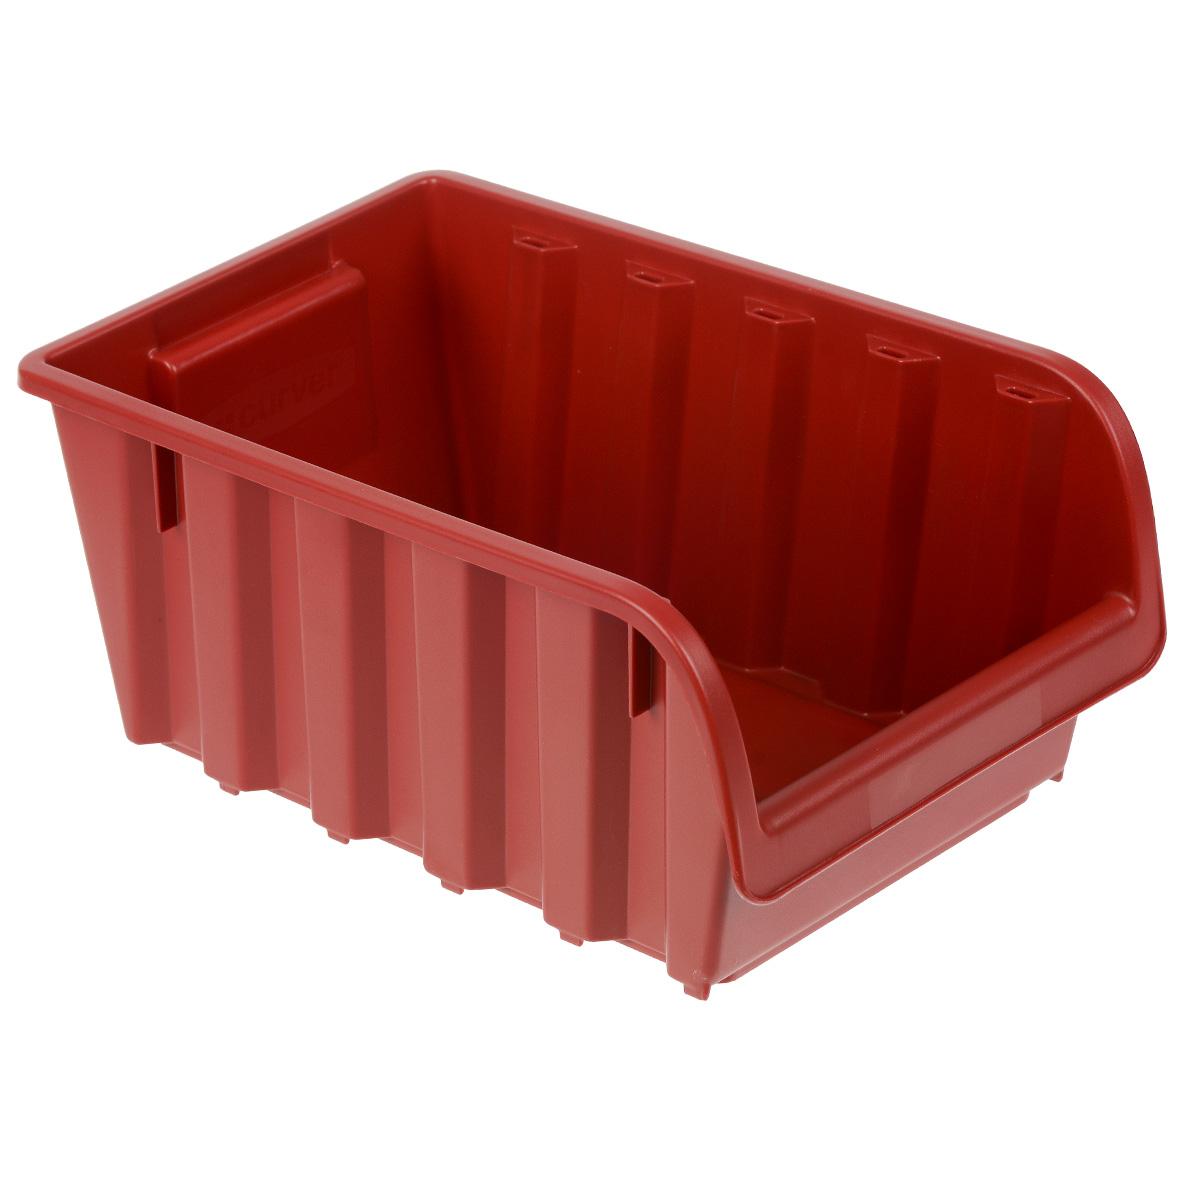 Емкость складская Curver Profi №5, цвет: красный, 34 х 20 х 15,5 см4955_красныйЕмкость Curver Profi №5 выполнена из высококачественного пластика и предназначена для хранения инструментов и различных складских мелочей, таких как гвозди, болты, гайки. Удобная конструкция изделия позволяет без труда достать из емкости нужную вещь. Емкость Curver Profi №5 будет незаменимой дома, на даче или в гараже.